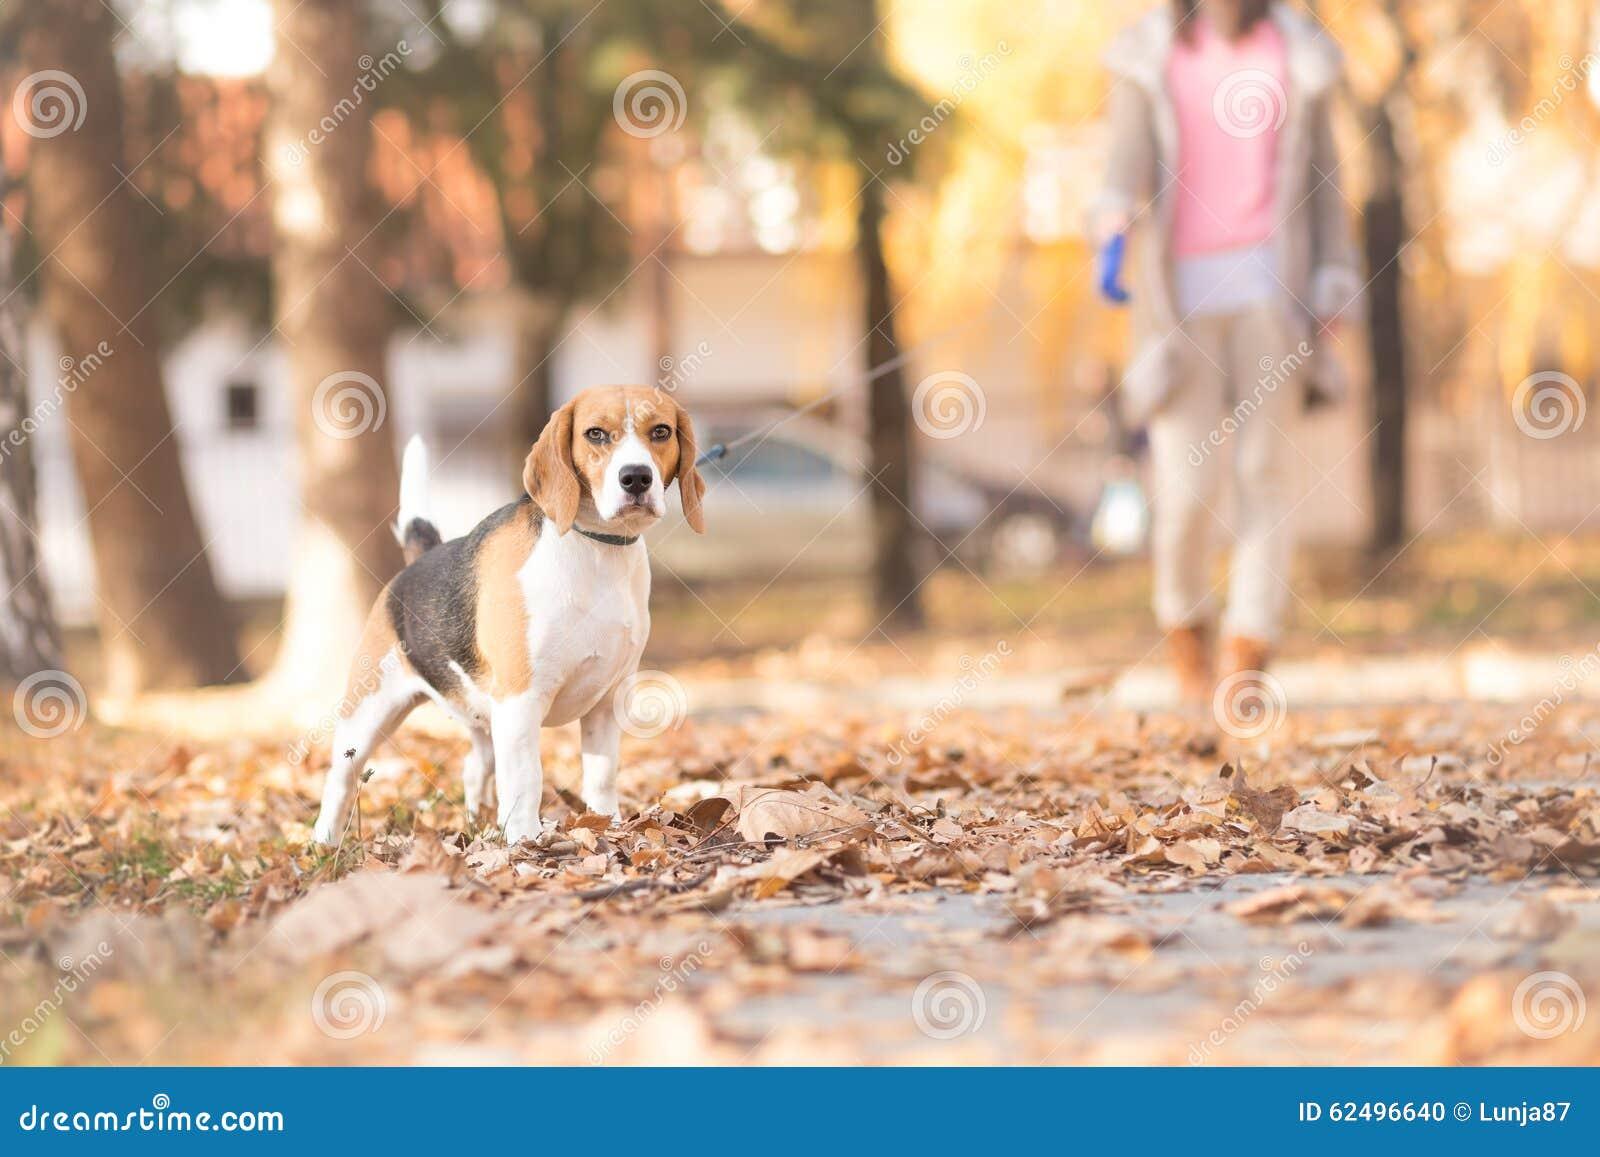 Ein Mädchen und ihr Hund, die in einen Park gehen